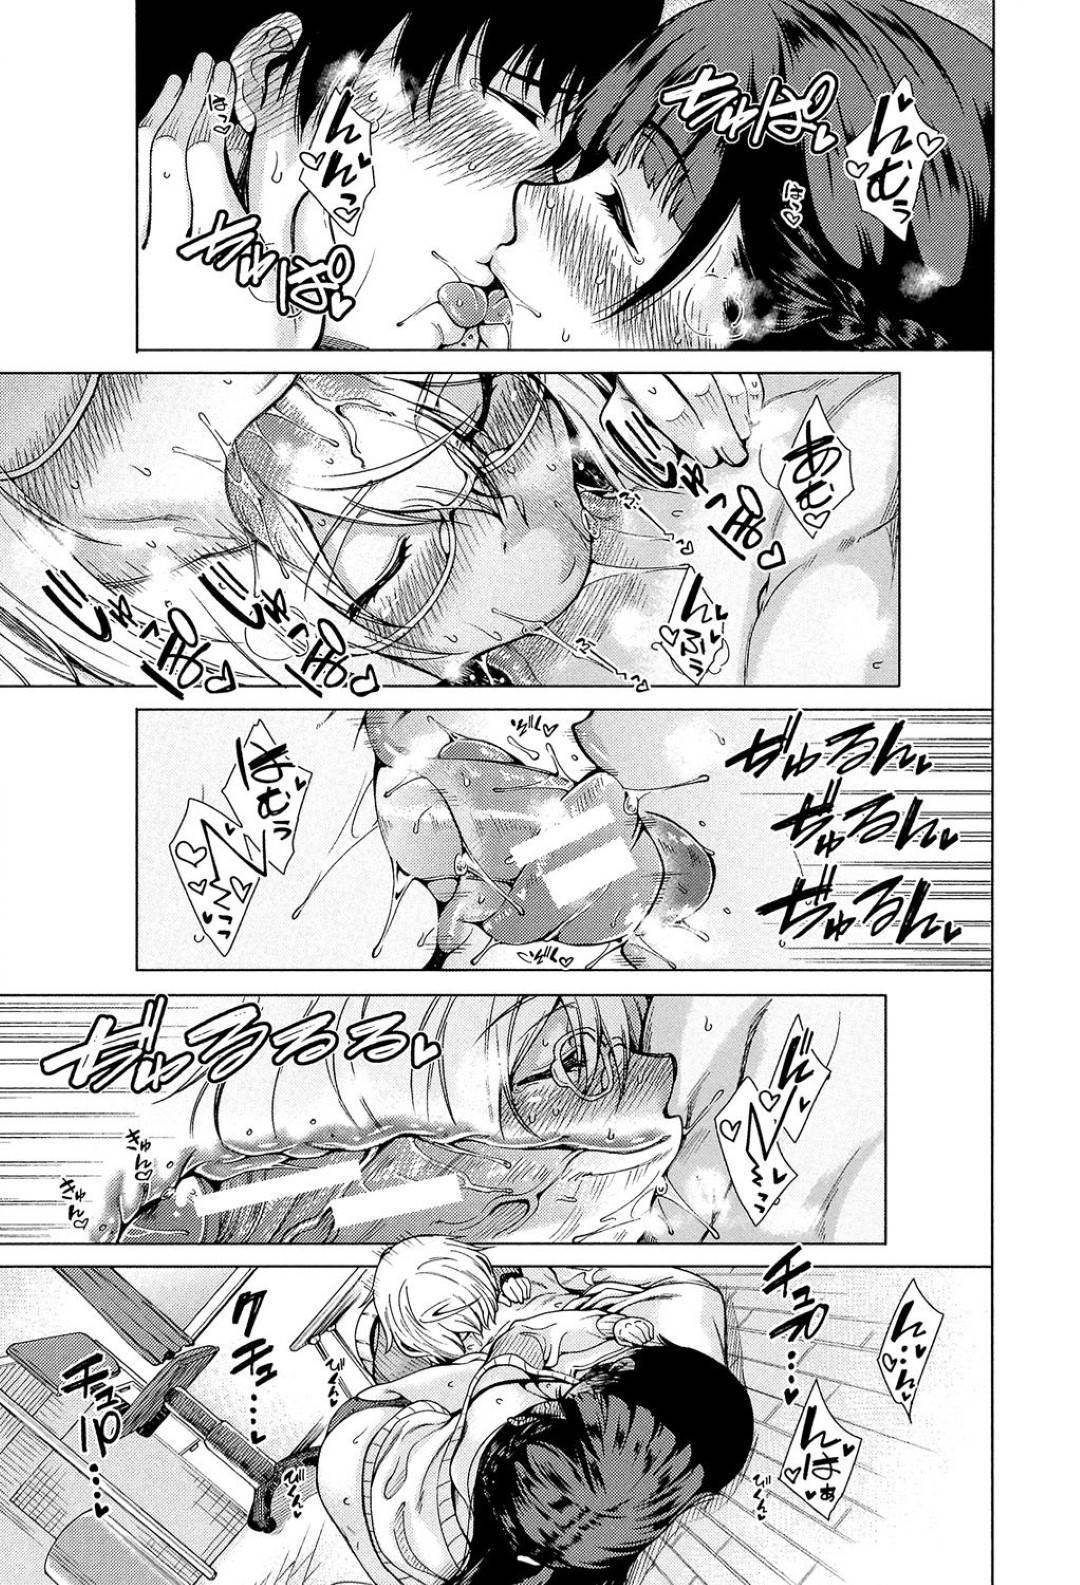 【淫乱JK3Pエロ漫画】彼女か浮気相手か、どちらも選べずにいると2人からエッチな誘惑をされ3P中出しセックスでアクメする【たらかん】